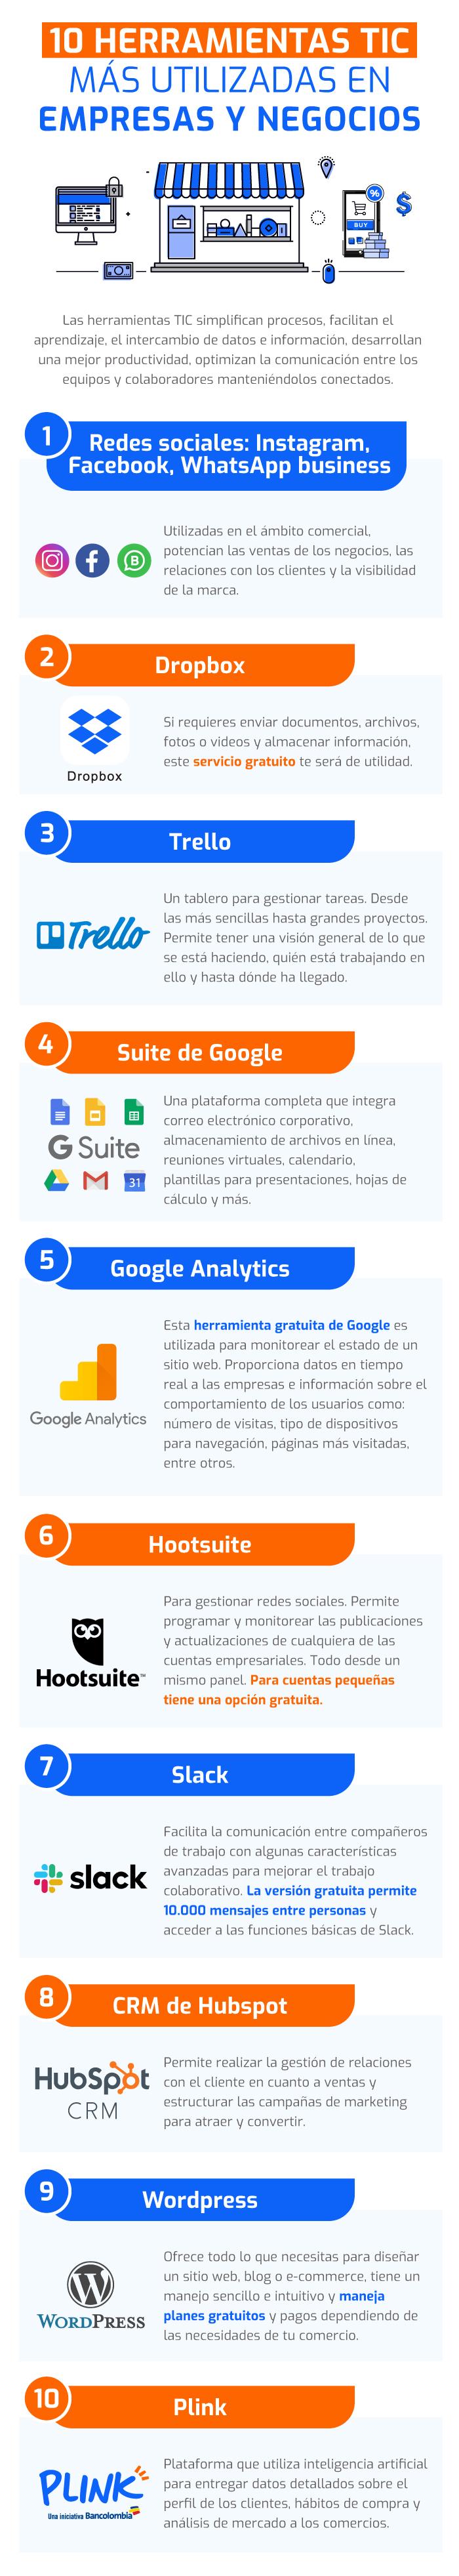 infografico-herramientas-tic